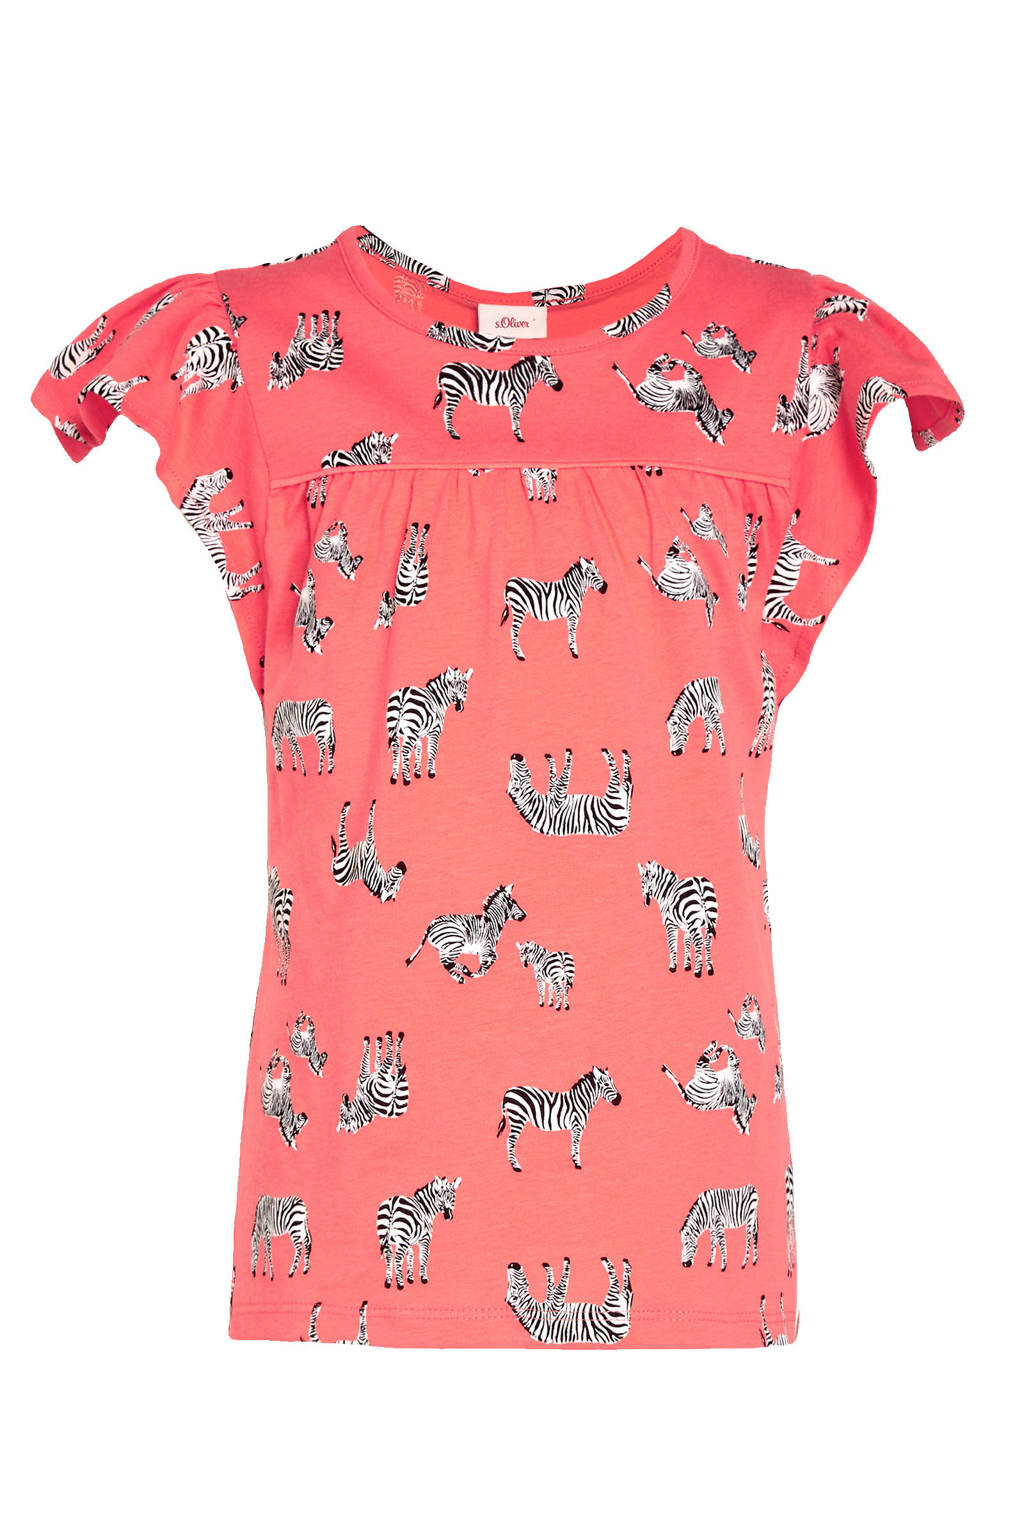 s.Oliver T-shirt met dierenprint en plooien oranje/zwart/wit, Oranje/zwart/wit